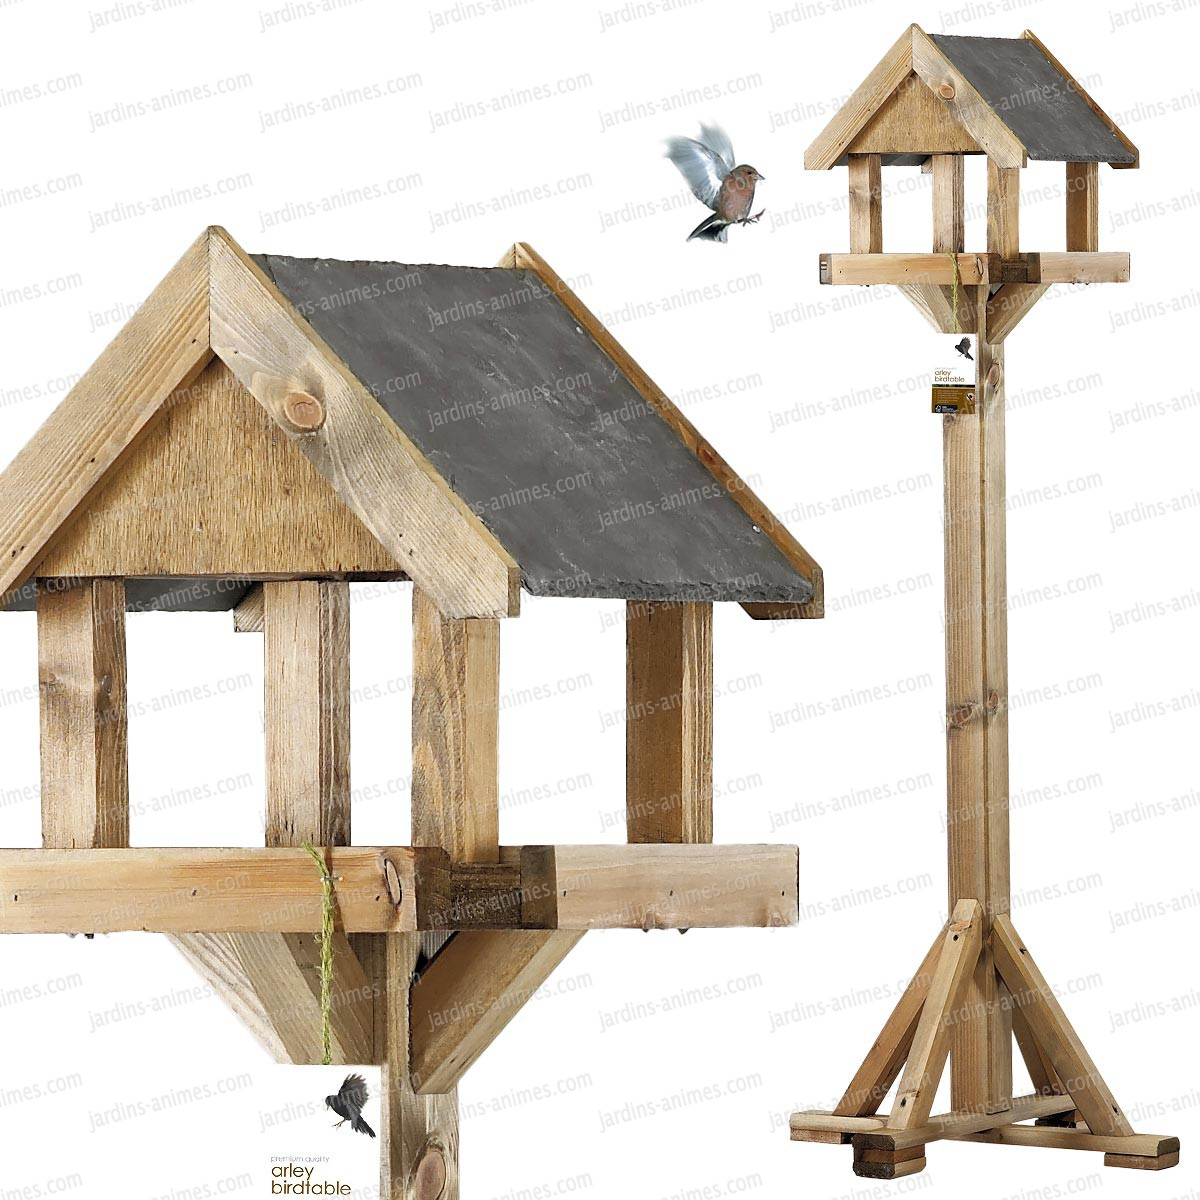 Mangeoire sur pied toit ardoise mangeoires bains d 39 oiseaux - Plan balancoire en bois gratuit ...